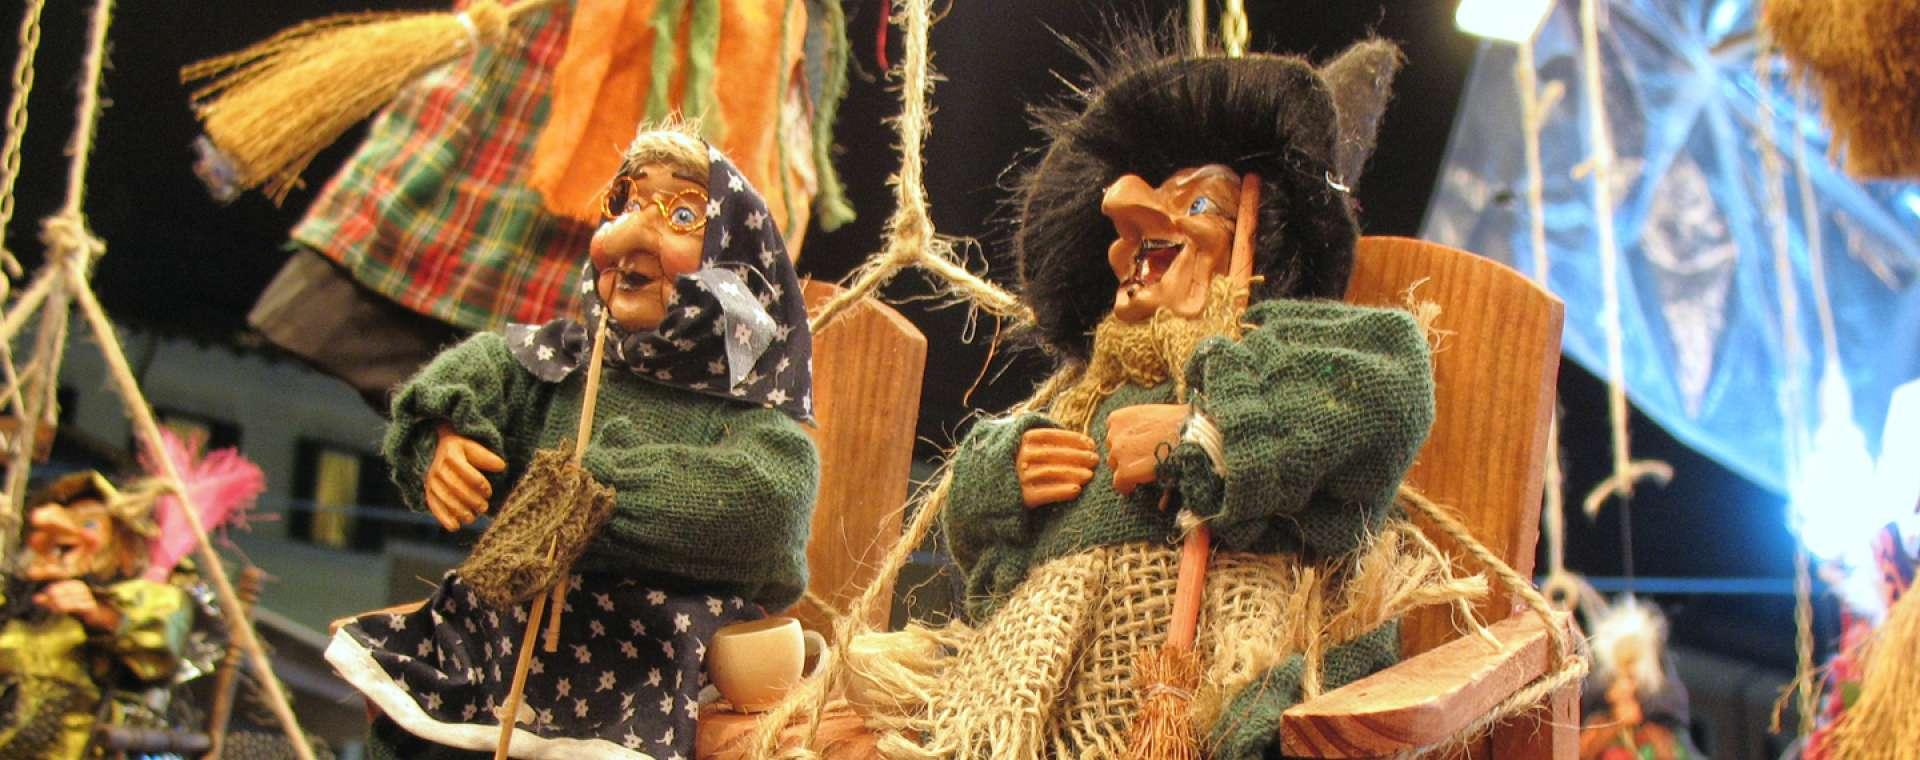 January Festivals in Italy